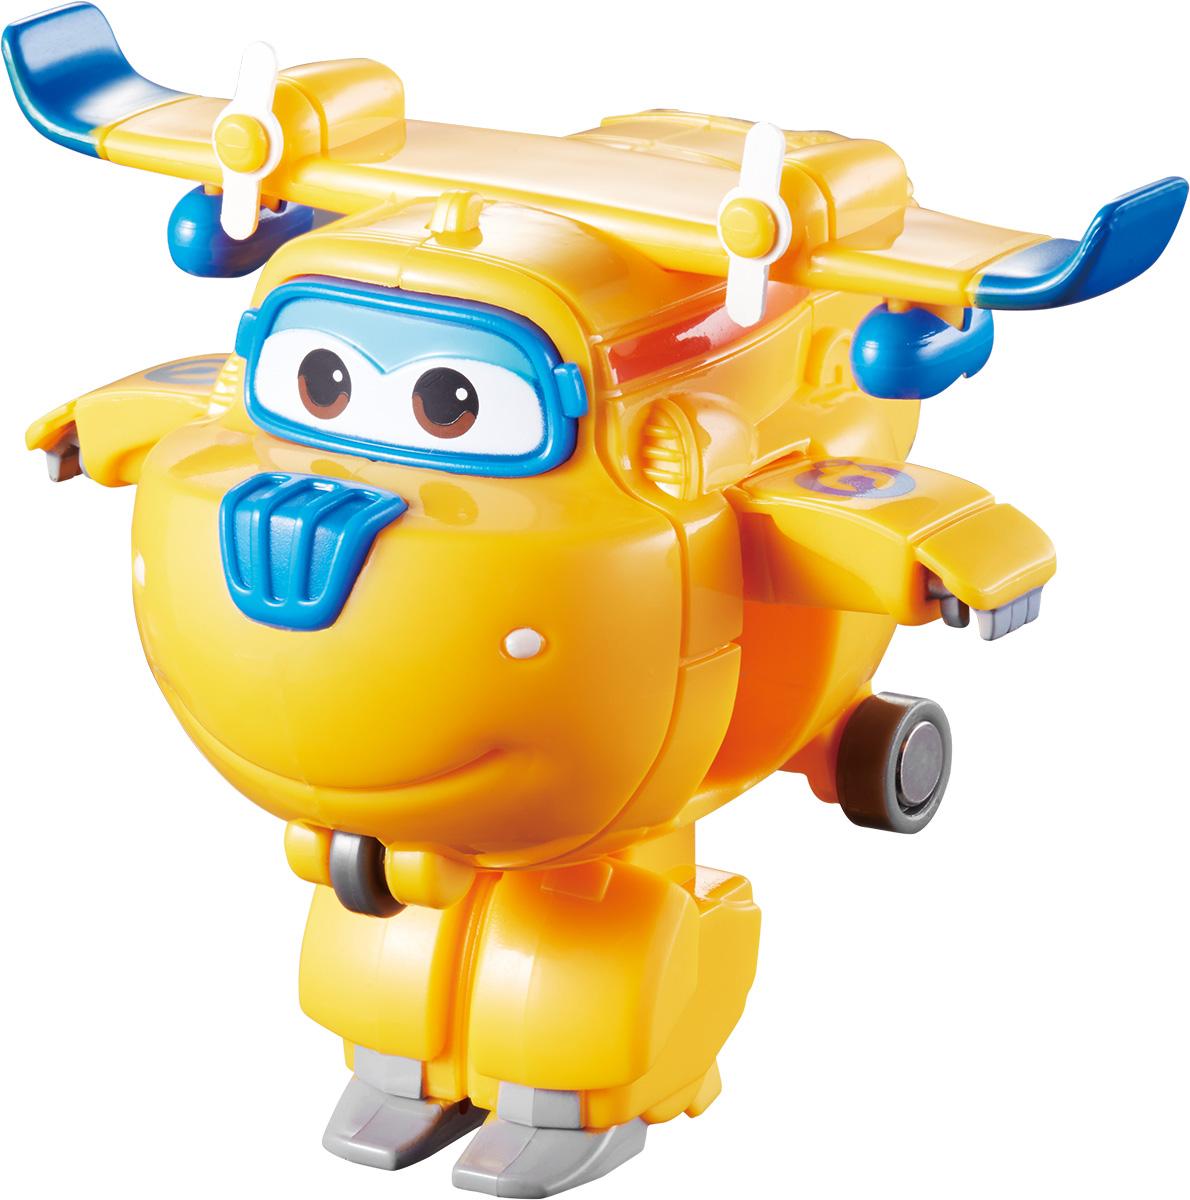 Super Wings Трансформер Донни YW710020YW710020Игрушка - трансформер Донни надолго займет внимание вашего ребенка. Игрушка выполнена из безопасного пластика в виде самолета по имени Донни, полностью повторяющего персонажа популярного мультсериала «Super Wings». Ваш ребёнок сможет всего за 3 шага превратить самолет в робота и обратно. Джетт, Донни, Диззи, Джером и Пол доставляют ценные посылки мальчикам и девочкам в любую точку земного шара. Отважные герои учат ребят находить решения для непростых задач: от лепки китайских пельменей до спасения людей от извержения гавайского вулкана. Шасси самолетика свободно вращаются, двери трансформируются в руки, а ноги робота легко выдвигаются из хвостовой части и убираются обратно. Что бы ни произошло: «Донни справится с этим!». Эта игрушка непременно понравится вашему малышу, ведь она развивает любознательность, пространственное мышление, логику и мелкую моторику рук.